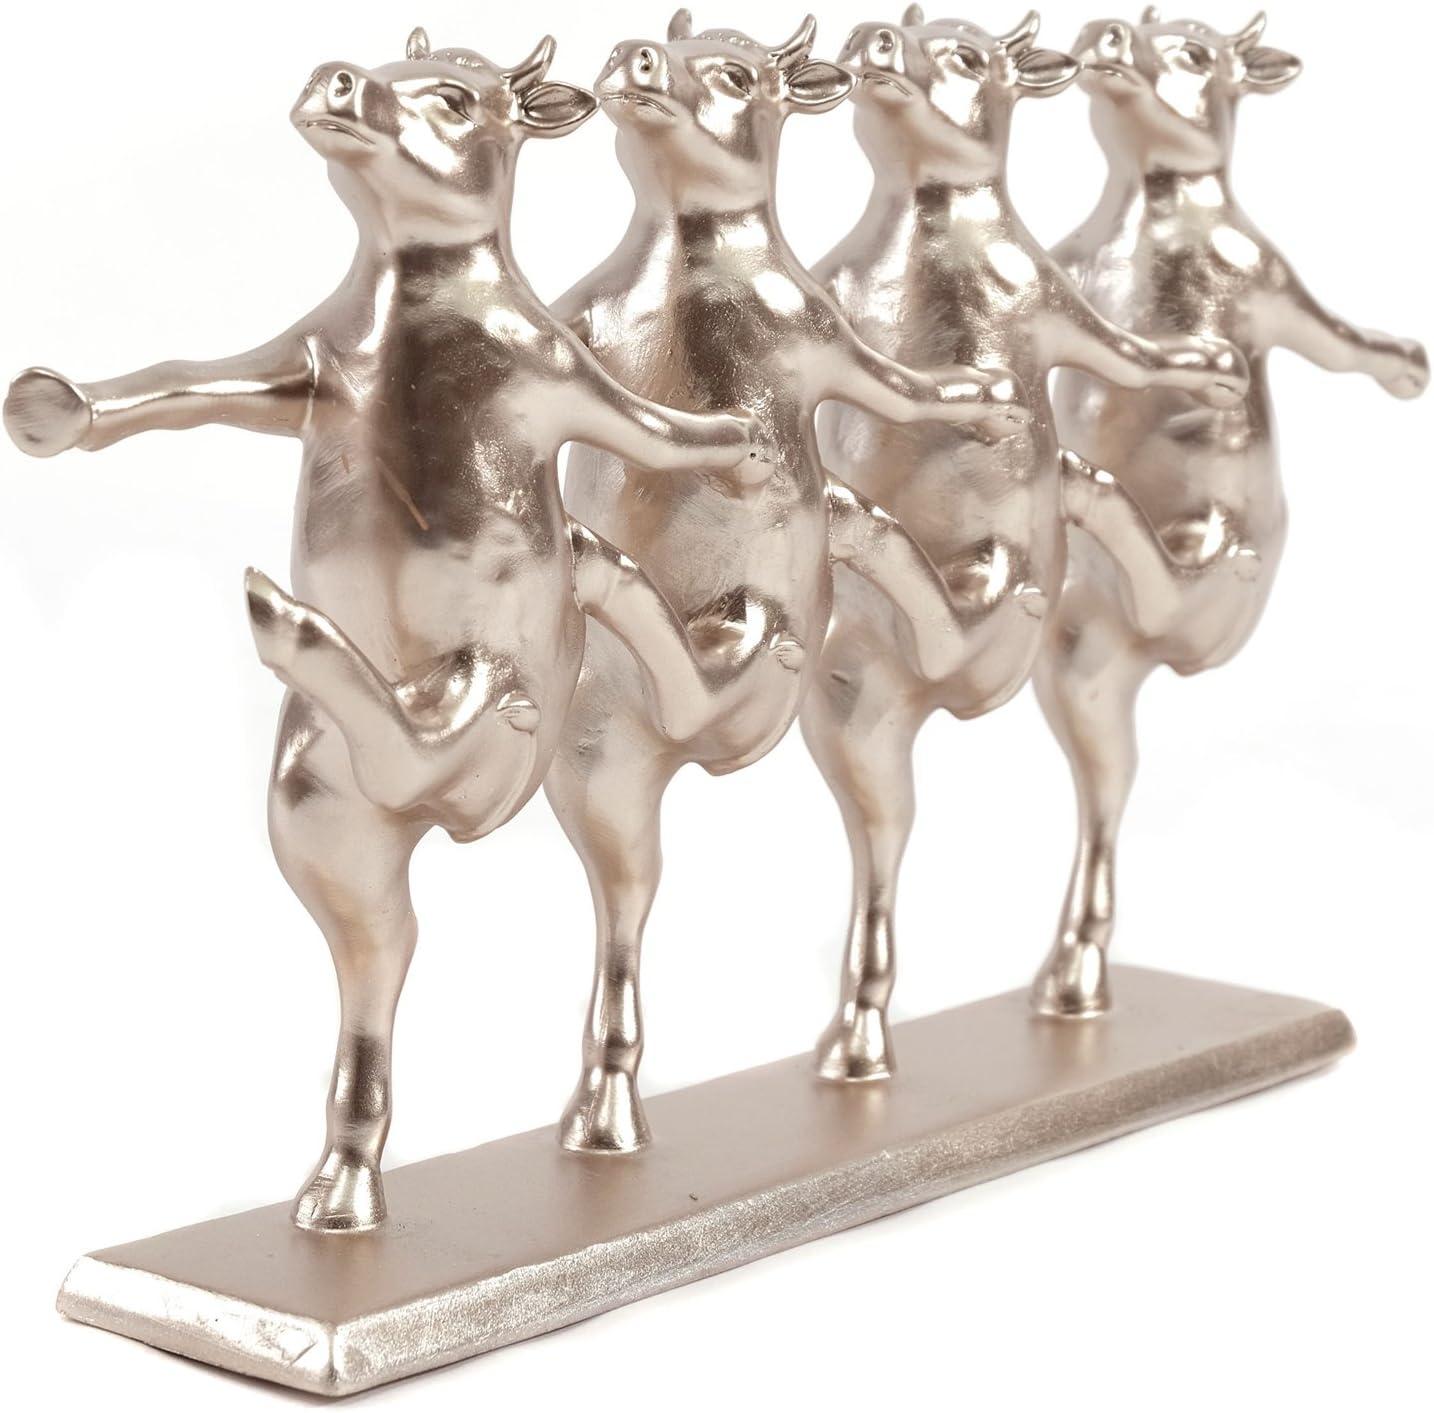 Fancy Decorazione Figura 'cow Party | Rosegold, In Poliresina, 40,6Cm | Scultura Con Mucche